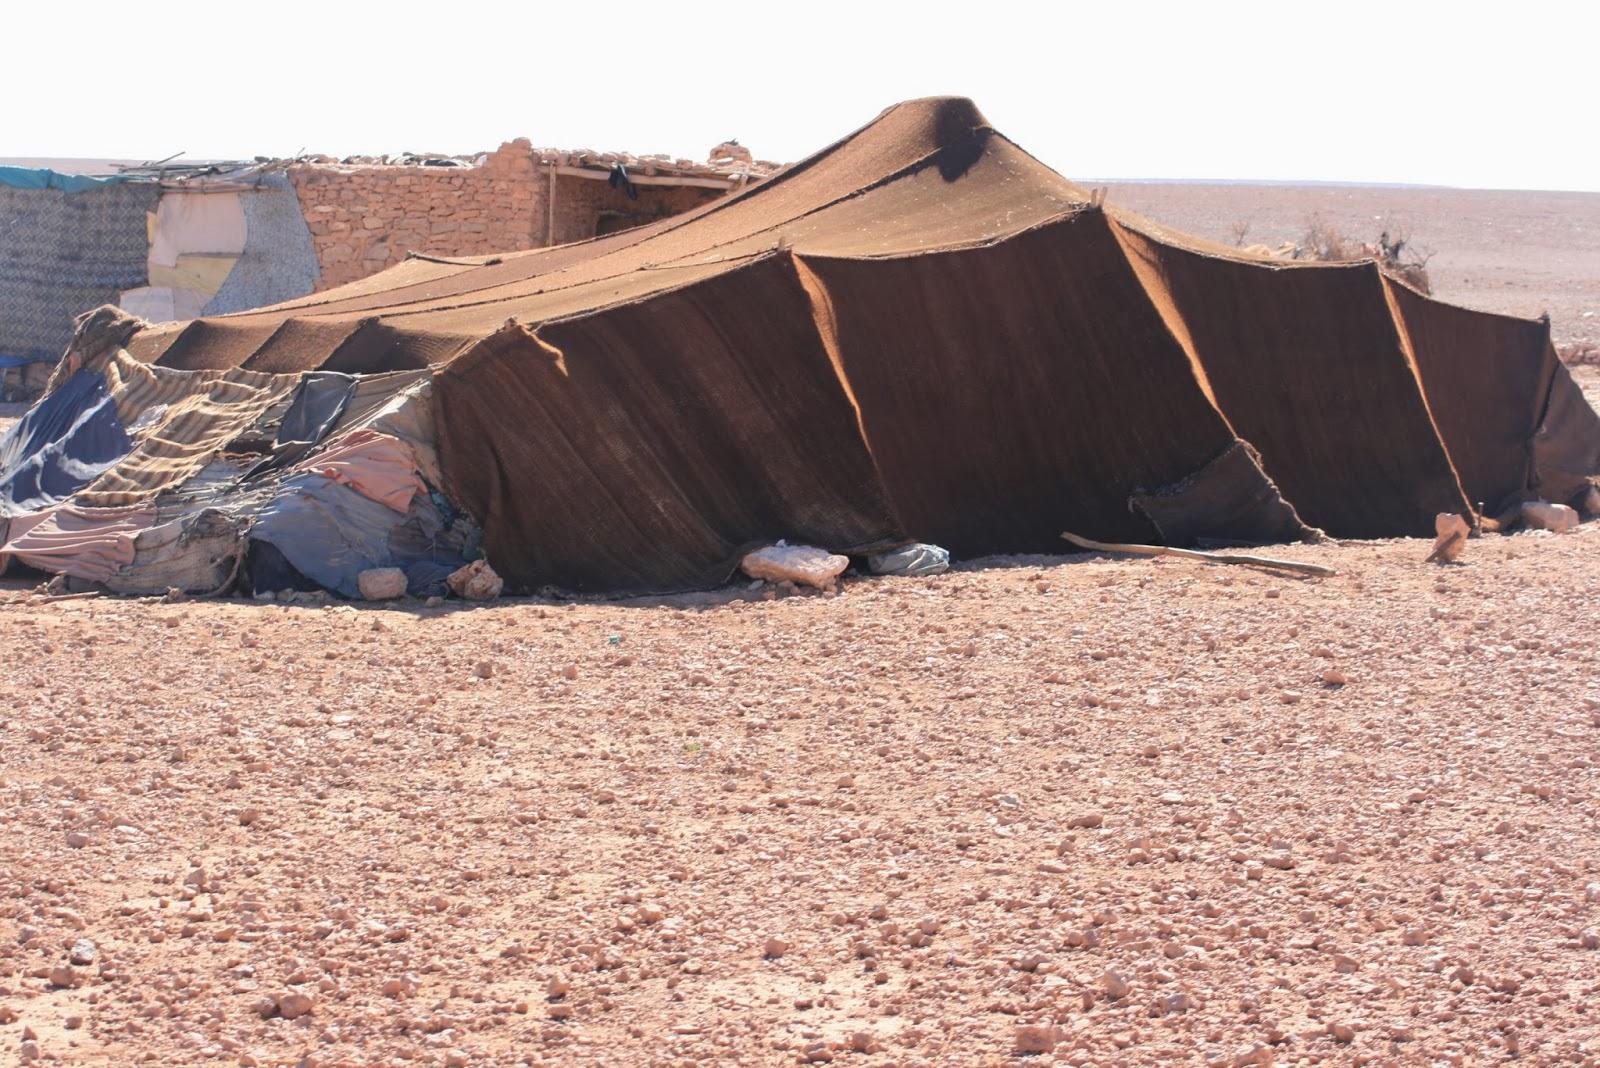 desierto de marruecos, bereber, viajes a marruecos, aventura